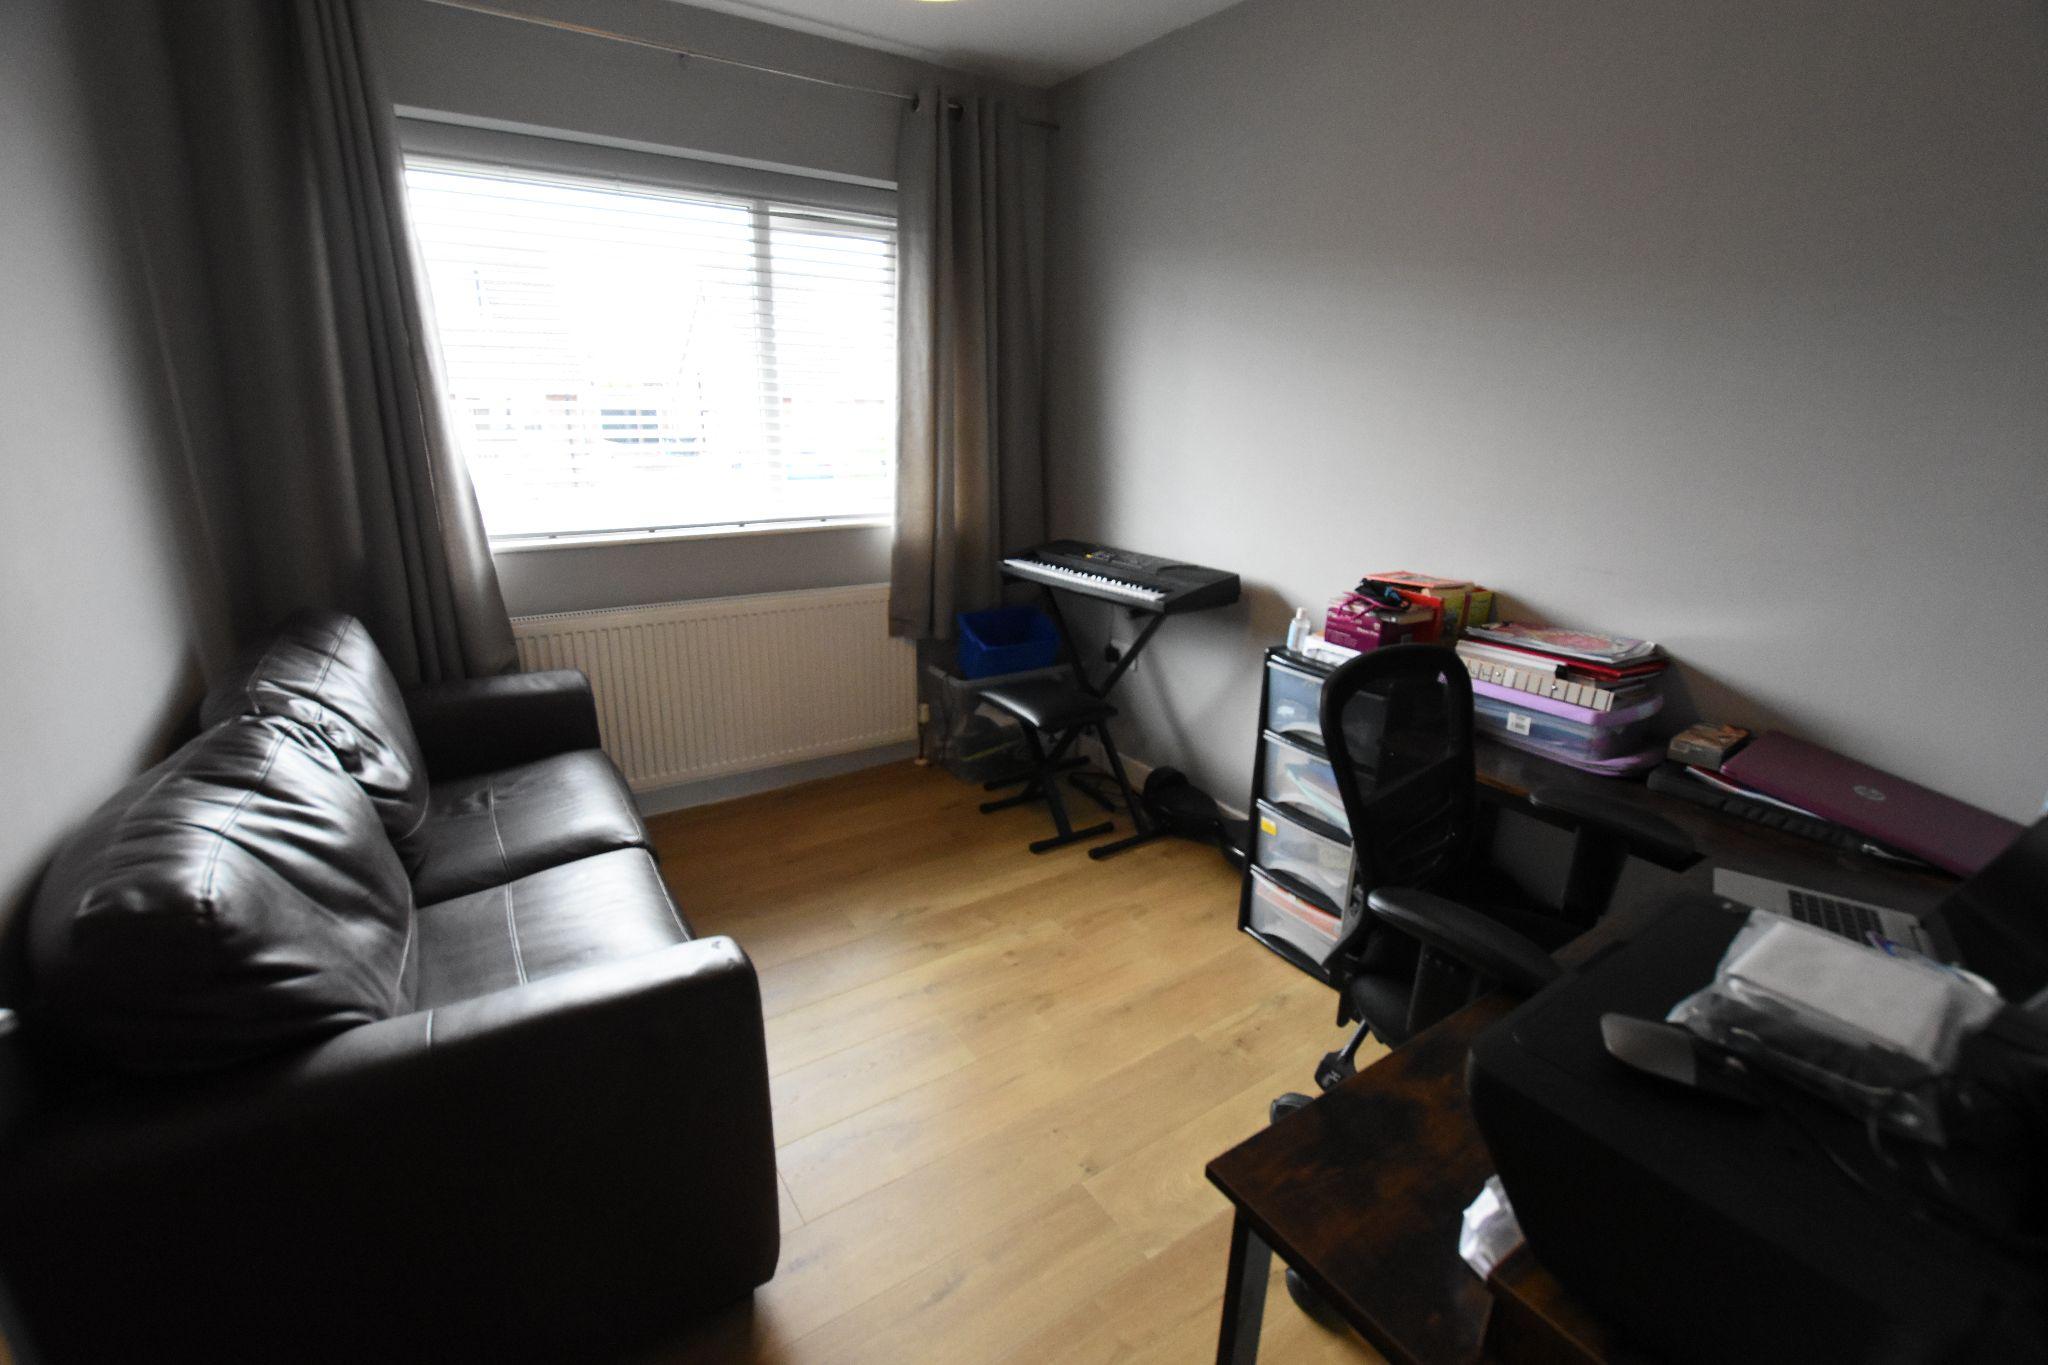 4 bedroom semi-detached bungalow Sold STC in Preston - Bedroom 4/Study